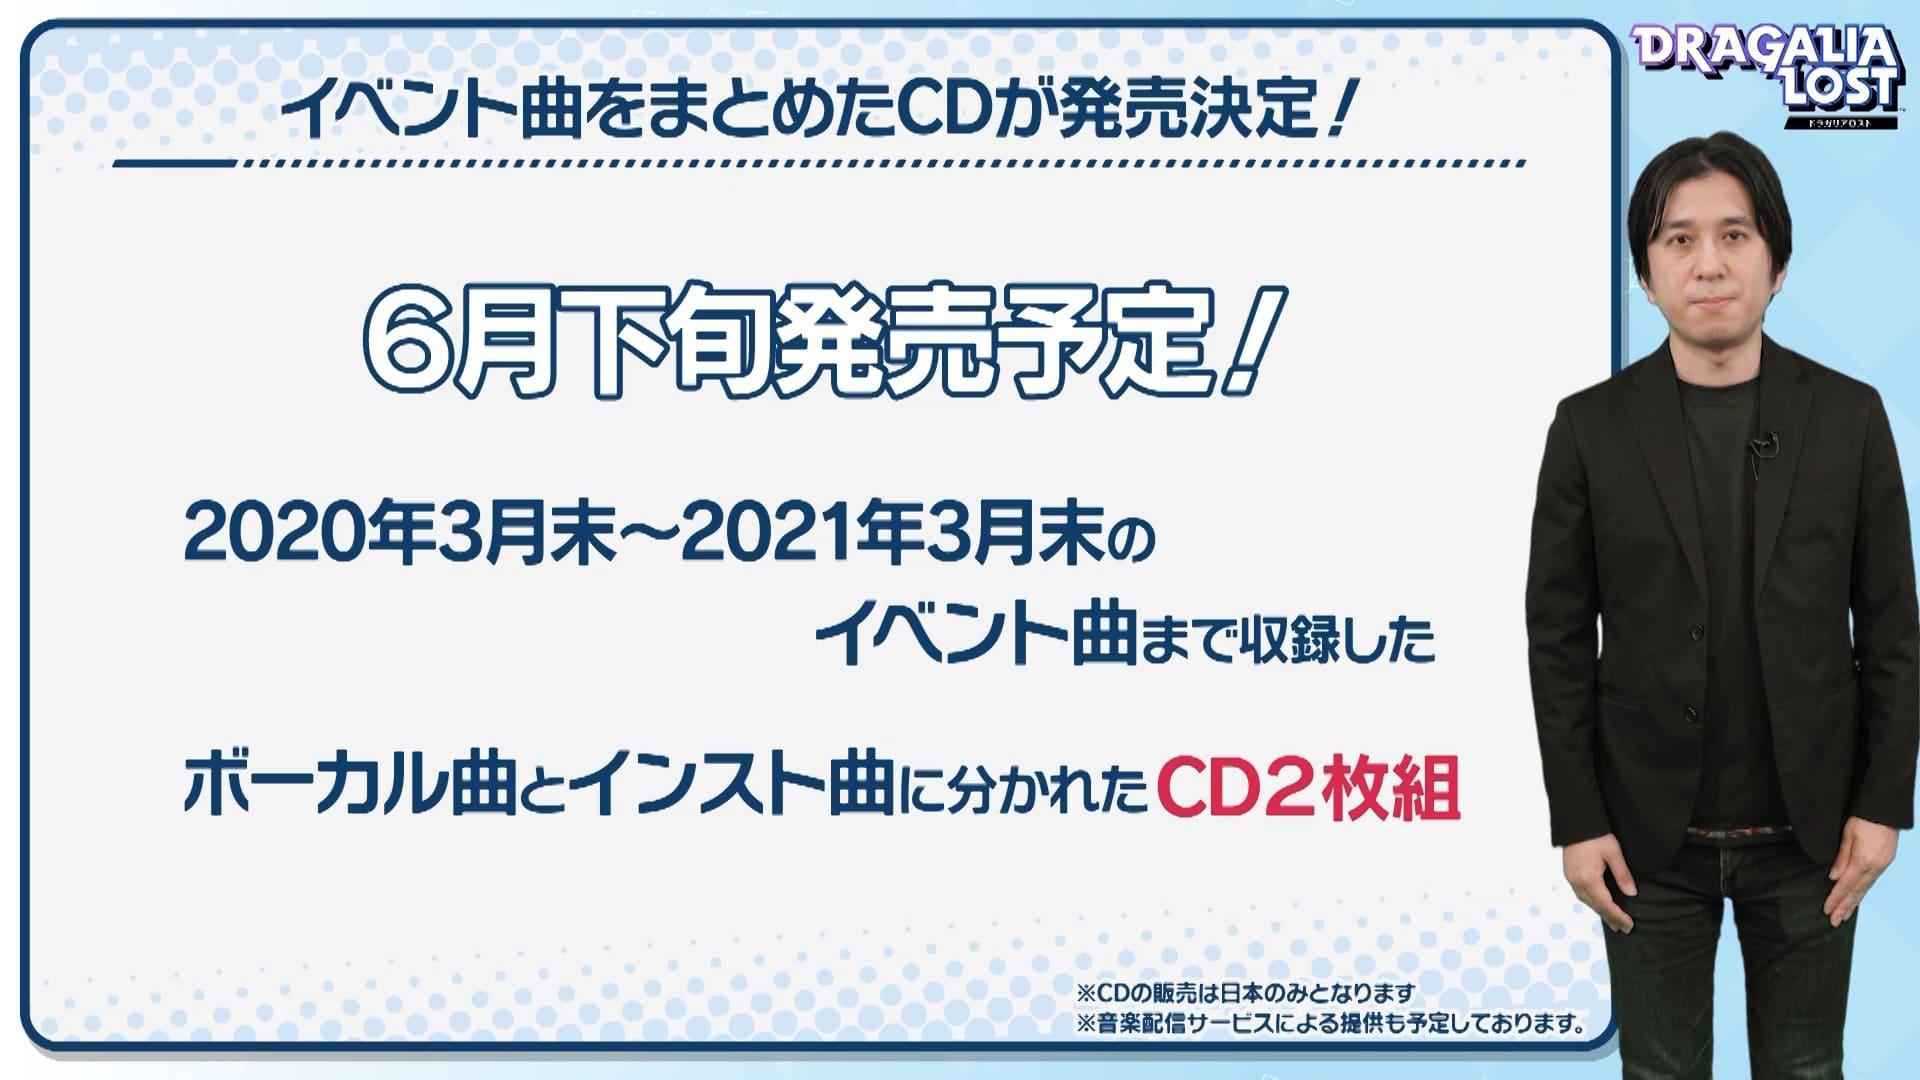 イベント曲をまとめたCDが発売決定!